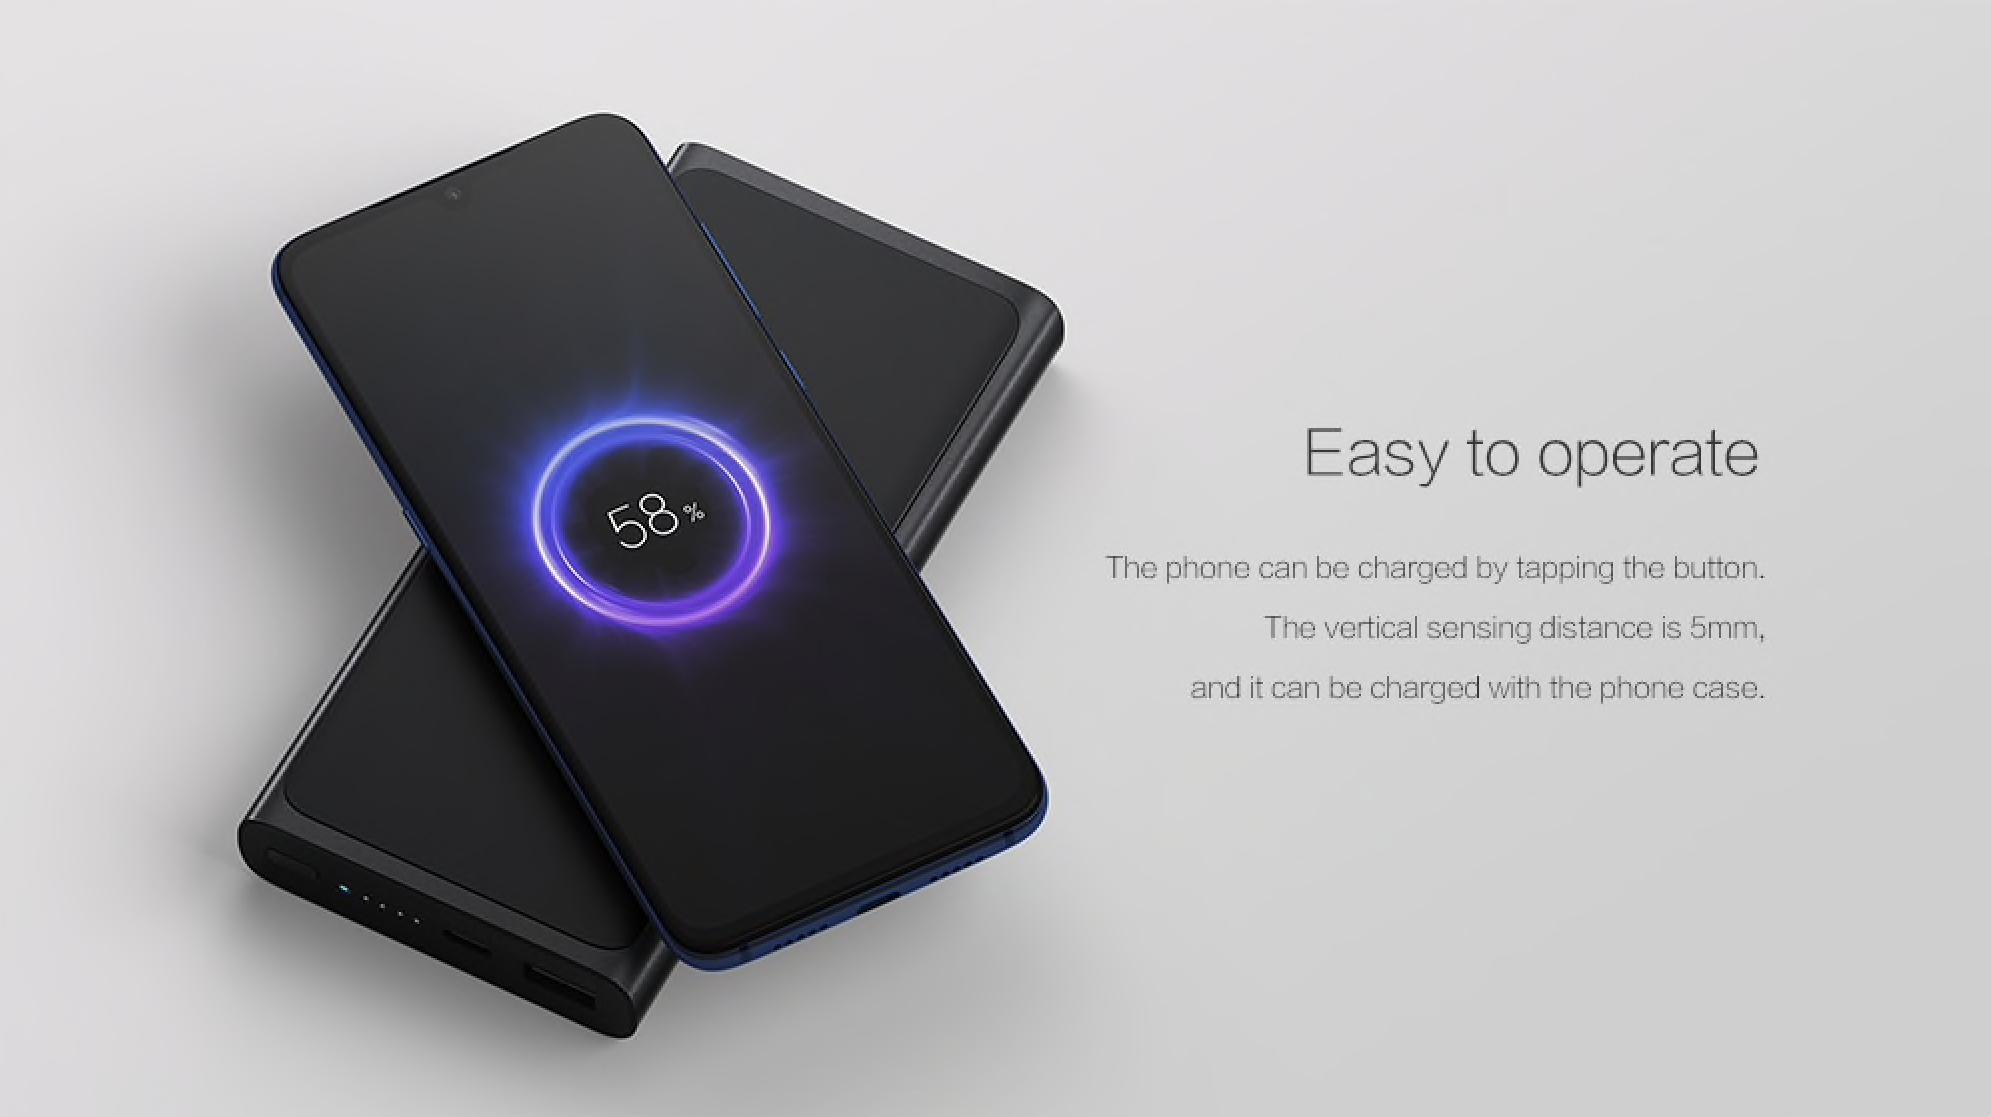 Bezdrátová powerbanka Xiaomi Wireless Power Bank nyní ve slevě! [sponzorovaný článek]